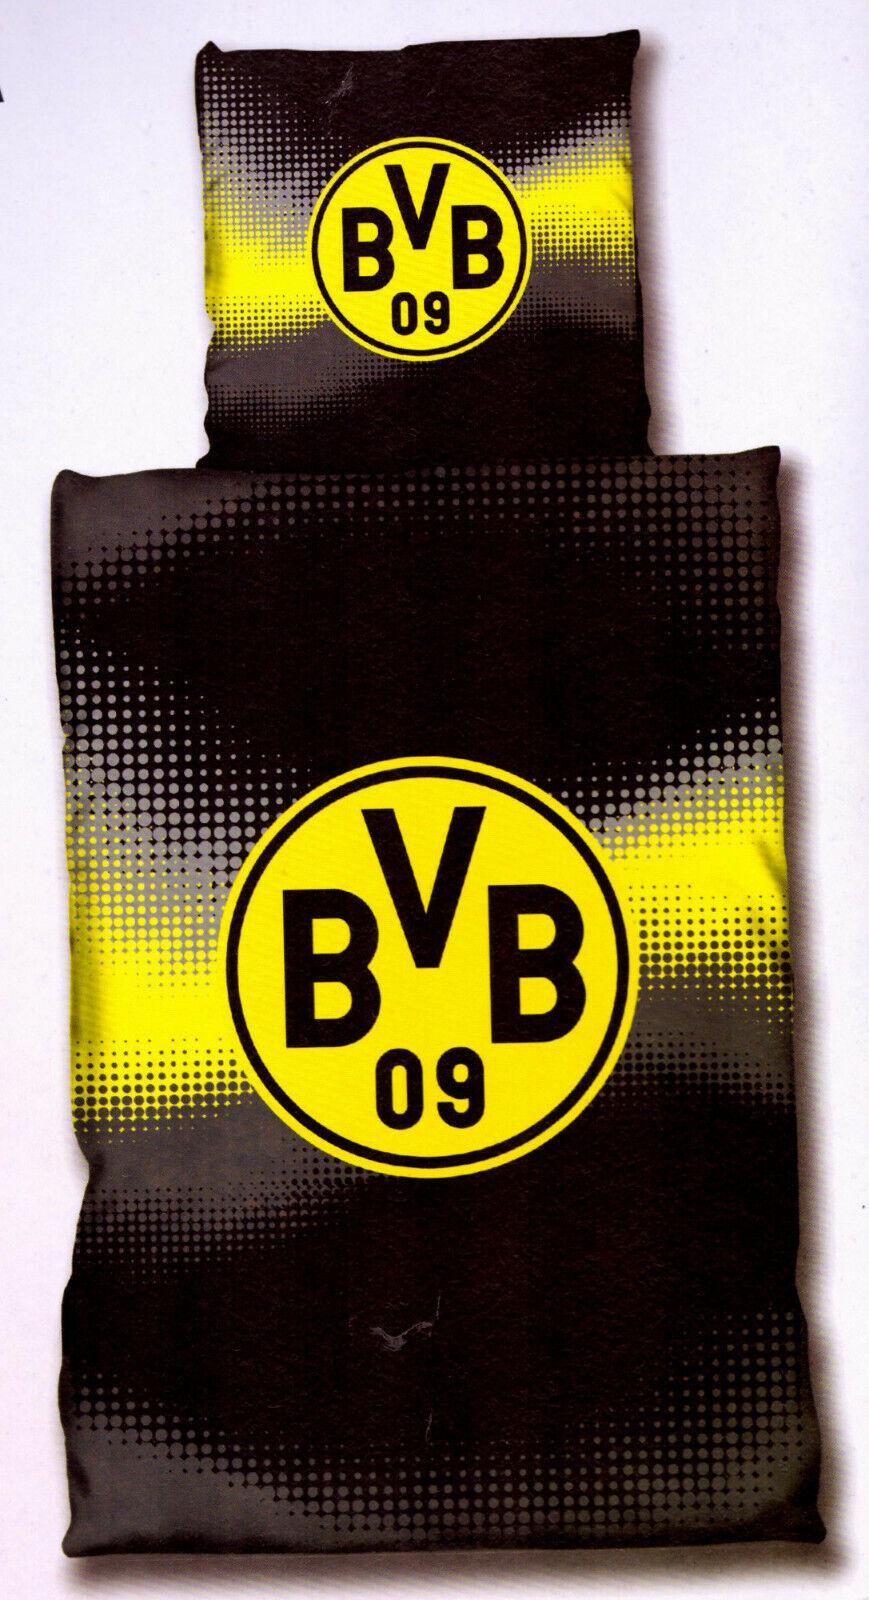 Borussia Dortmund BVB 09  Mikrofaser Bettwäsche 135 x 200 cm 100 % Polyester